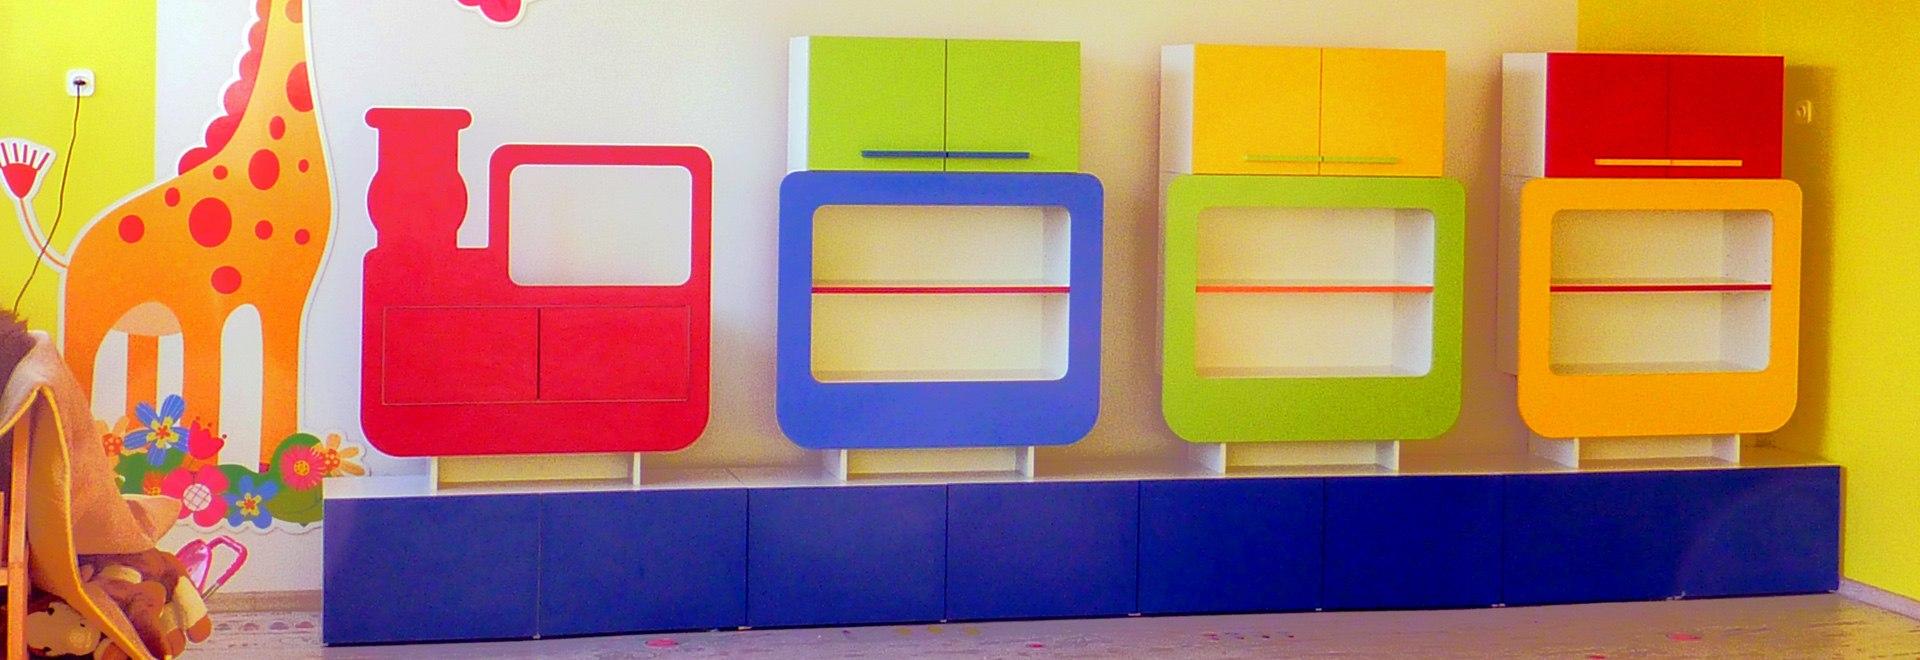 meble dziecięce dla przedszkoli i żłobków roltrans